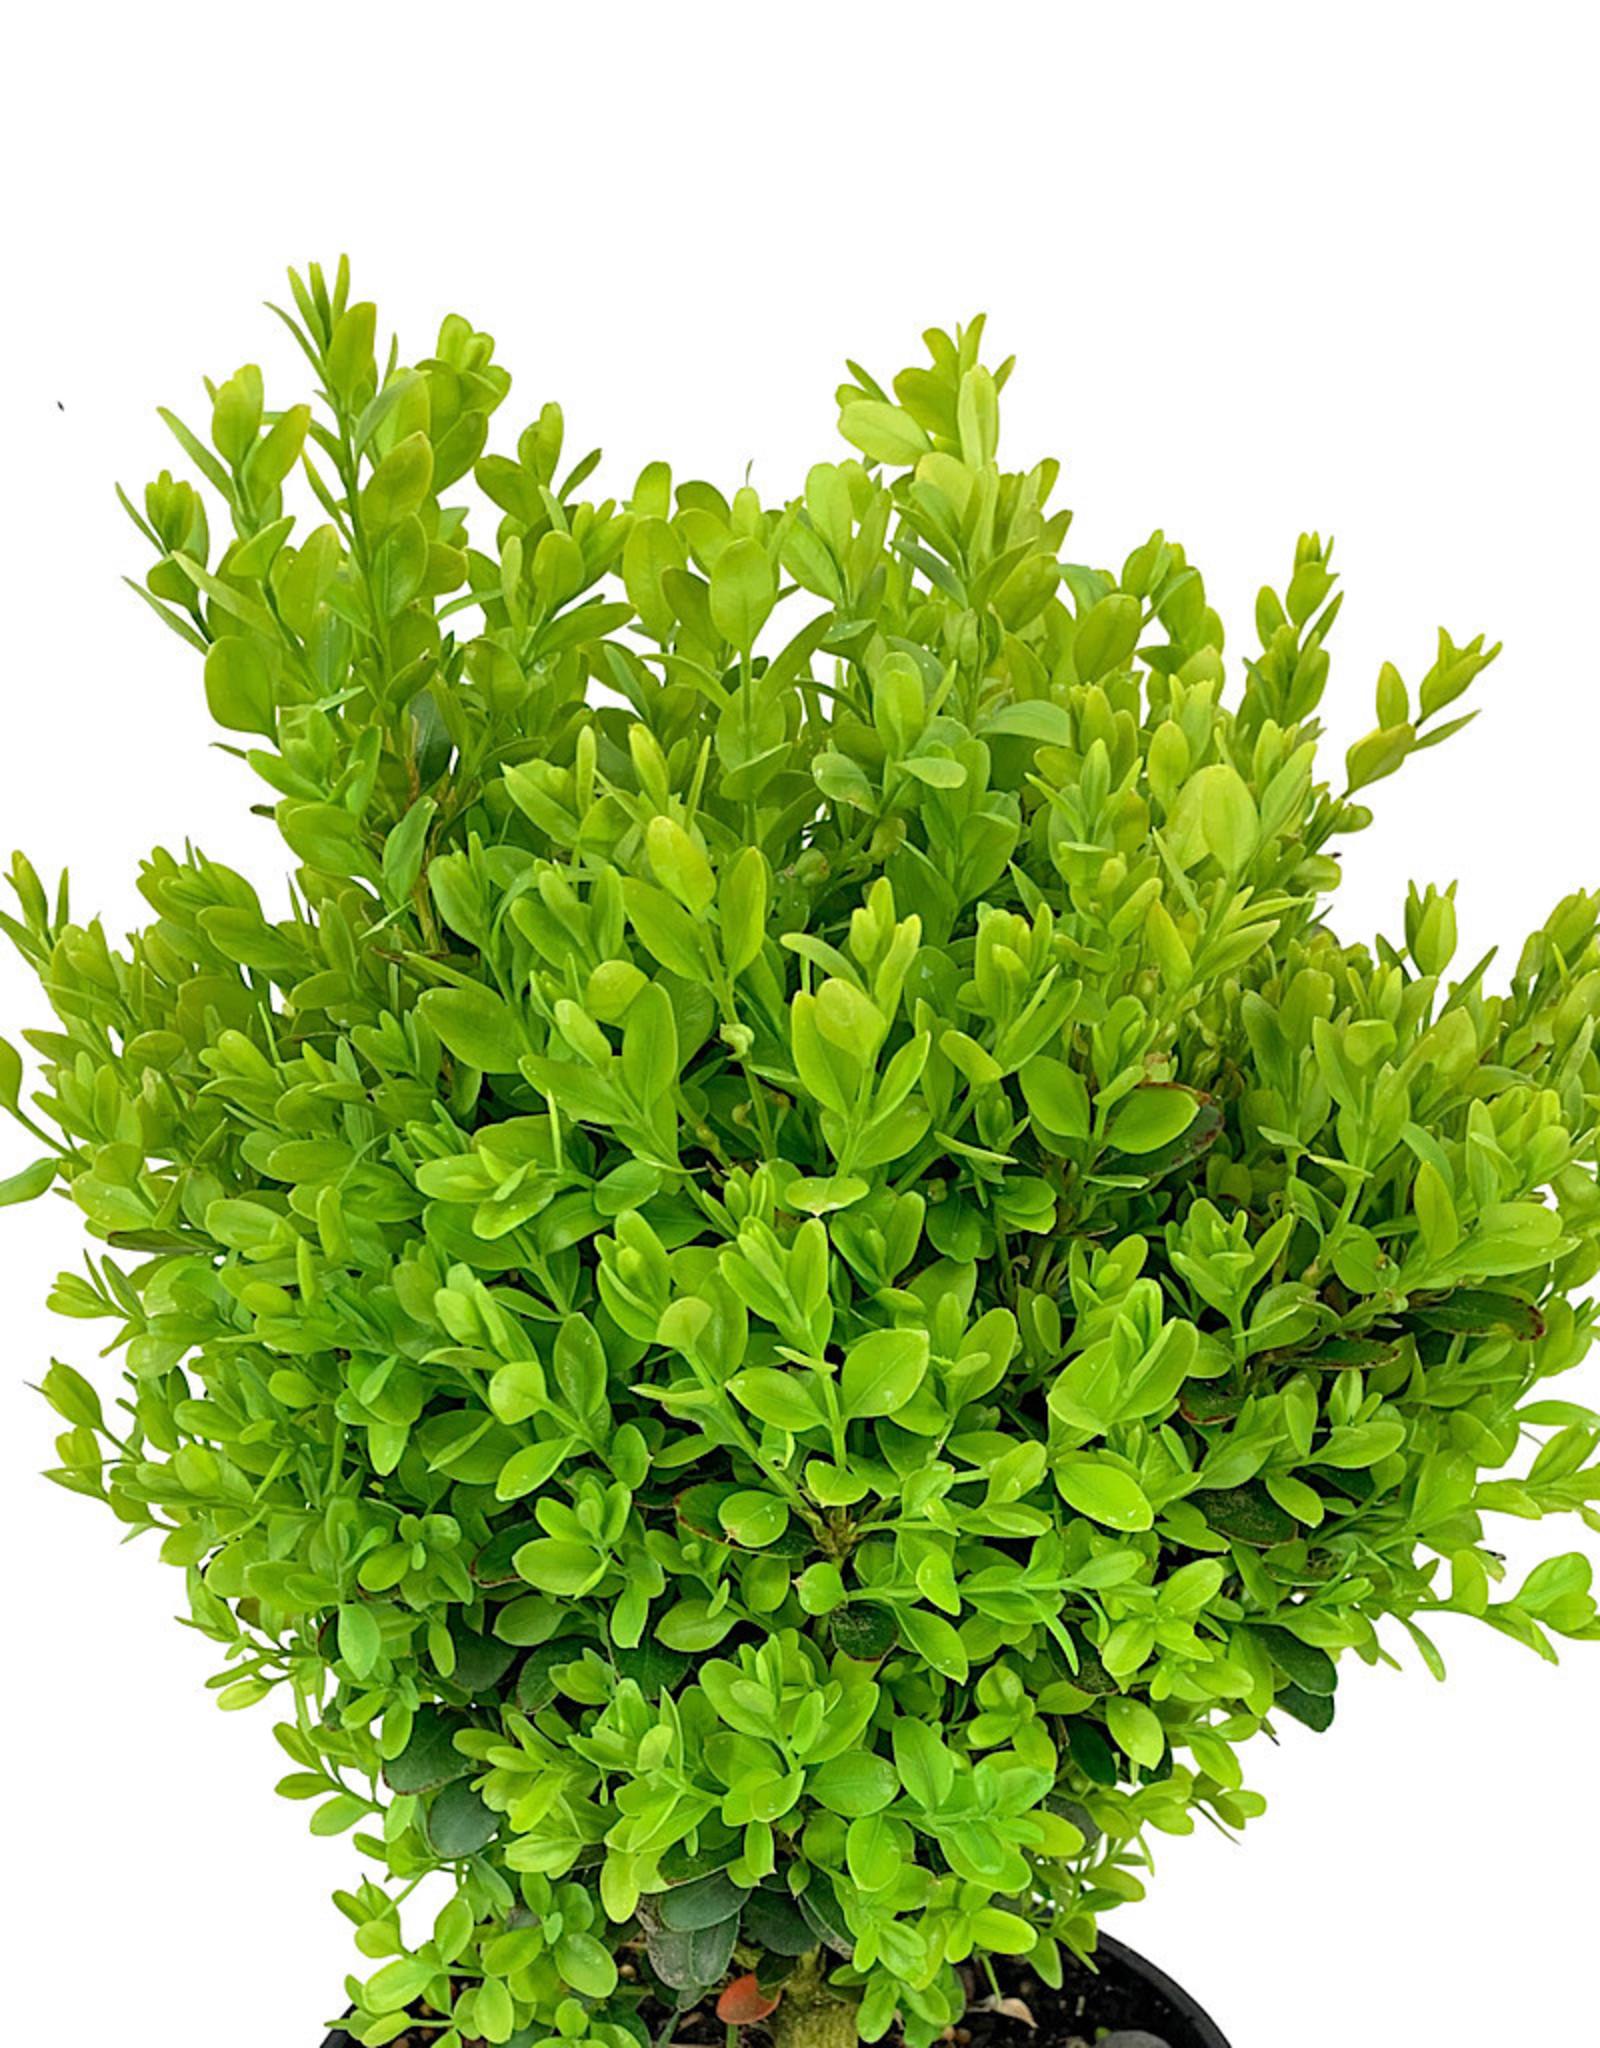 Buxus s. 'Suffruticosa' 1 Gallon